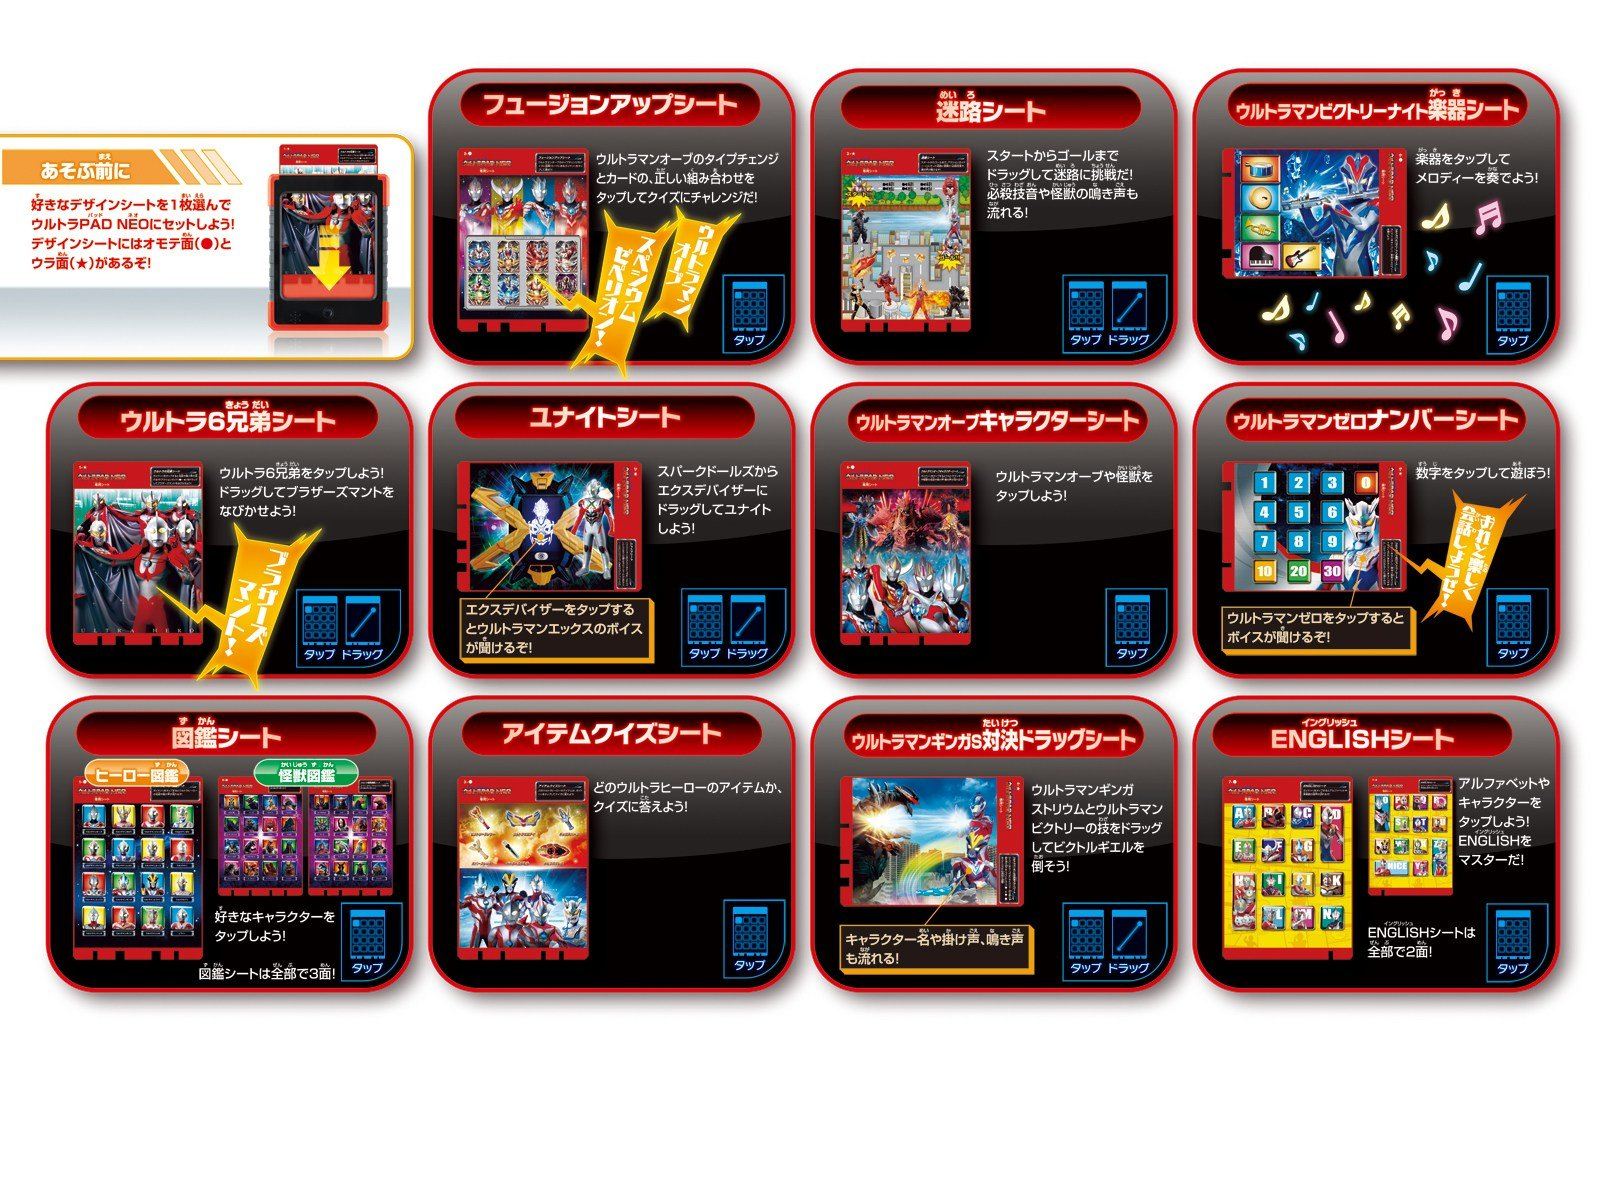 Bandai Ultra PAD NEO Toy Tablet by Bandai (Image #5)